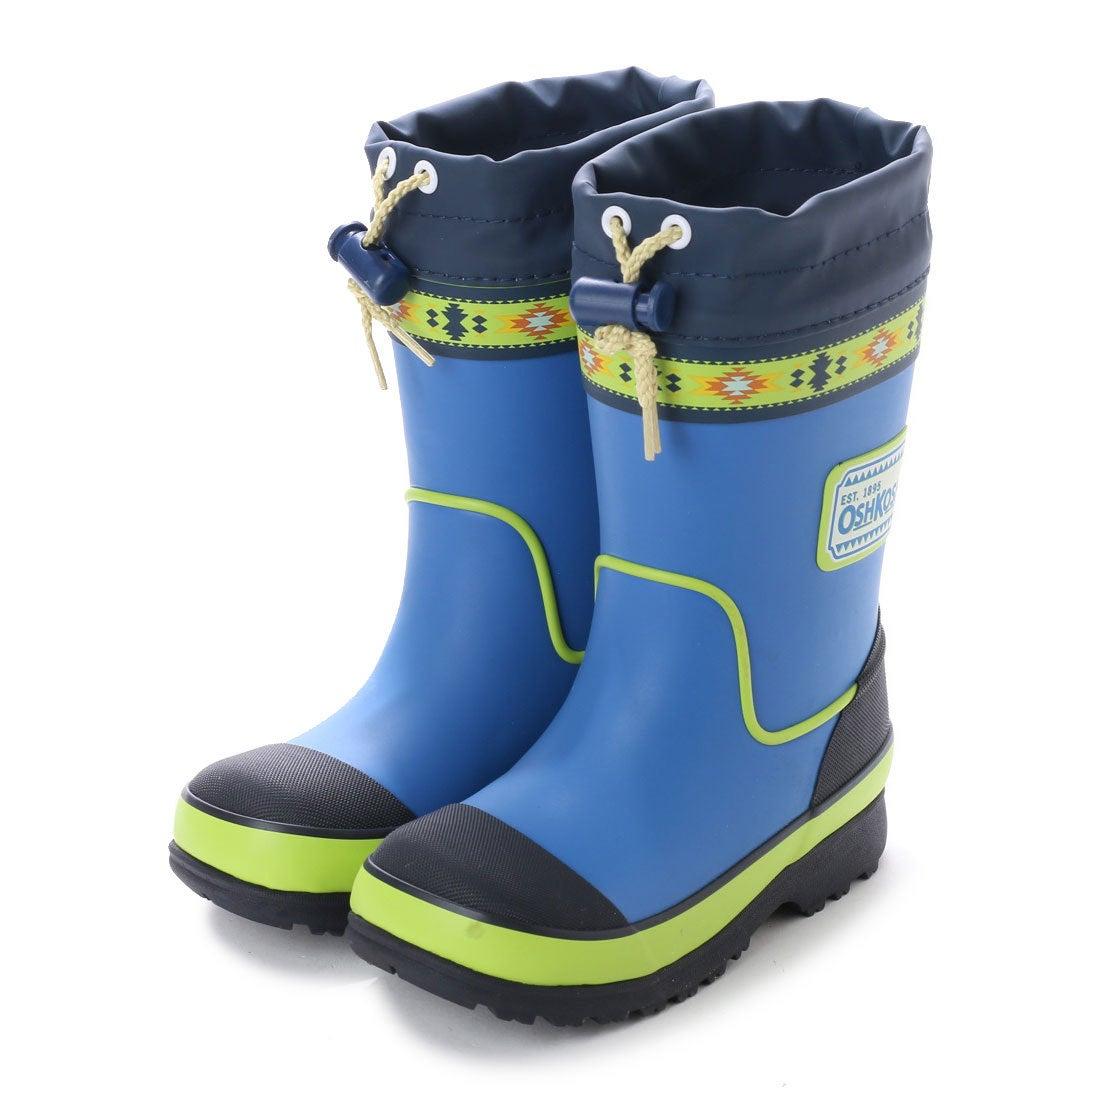 ロコンド 靴とファッションの通販サイトムーンスター MoonStar ジュニア ウィンターシューズ OSK WC156R ブルー 13160315 8294 ミフト mift